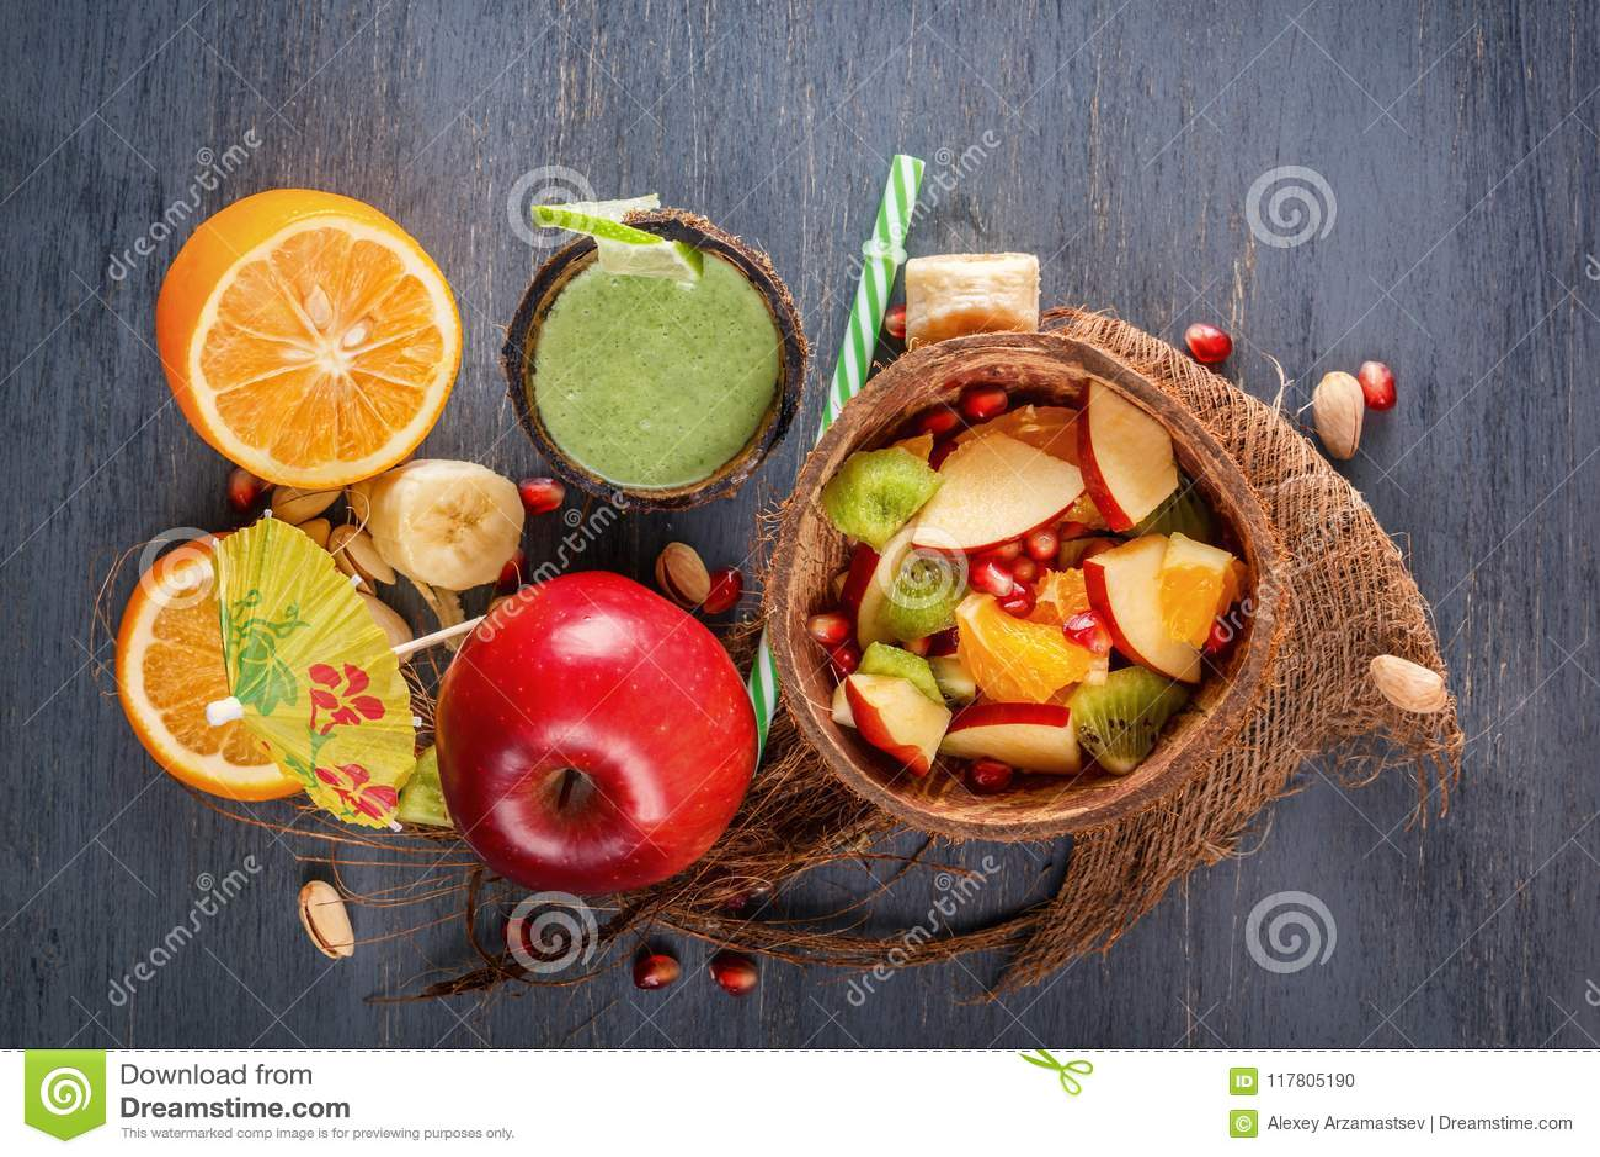 苹果、香蕉、桔子和石榴在一半椰子和新鲜的绿色圆滑的人水果沙拉从菜